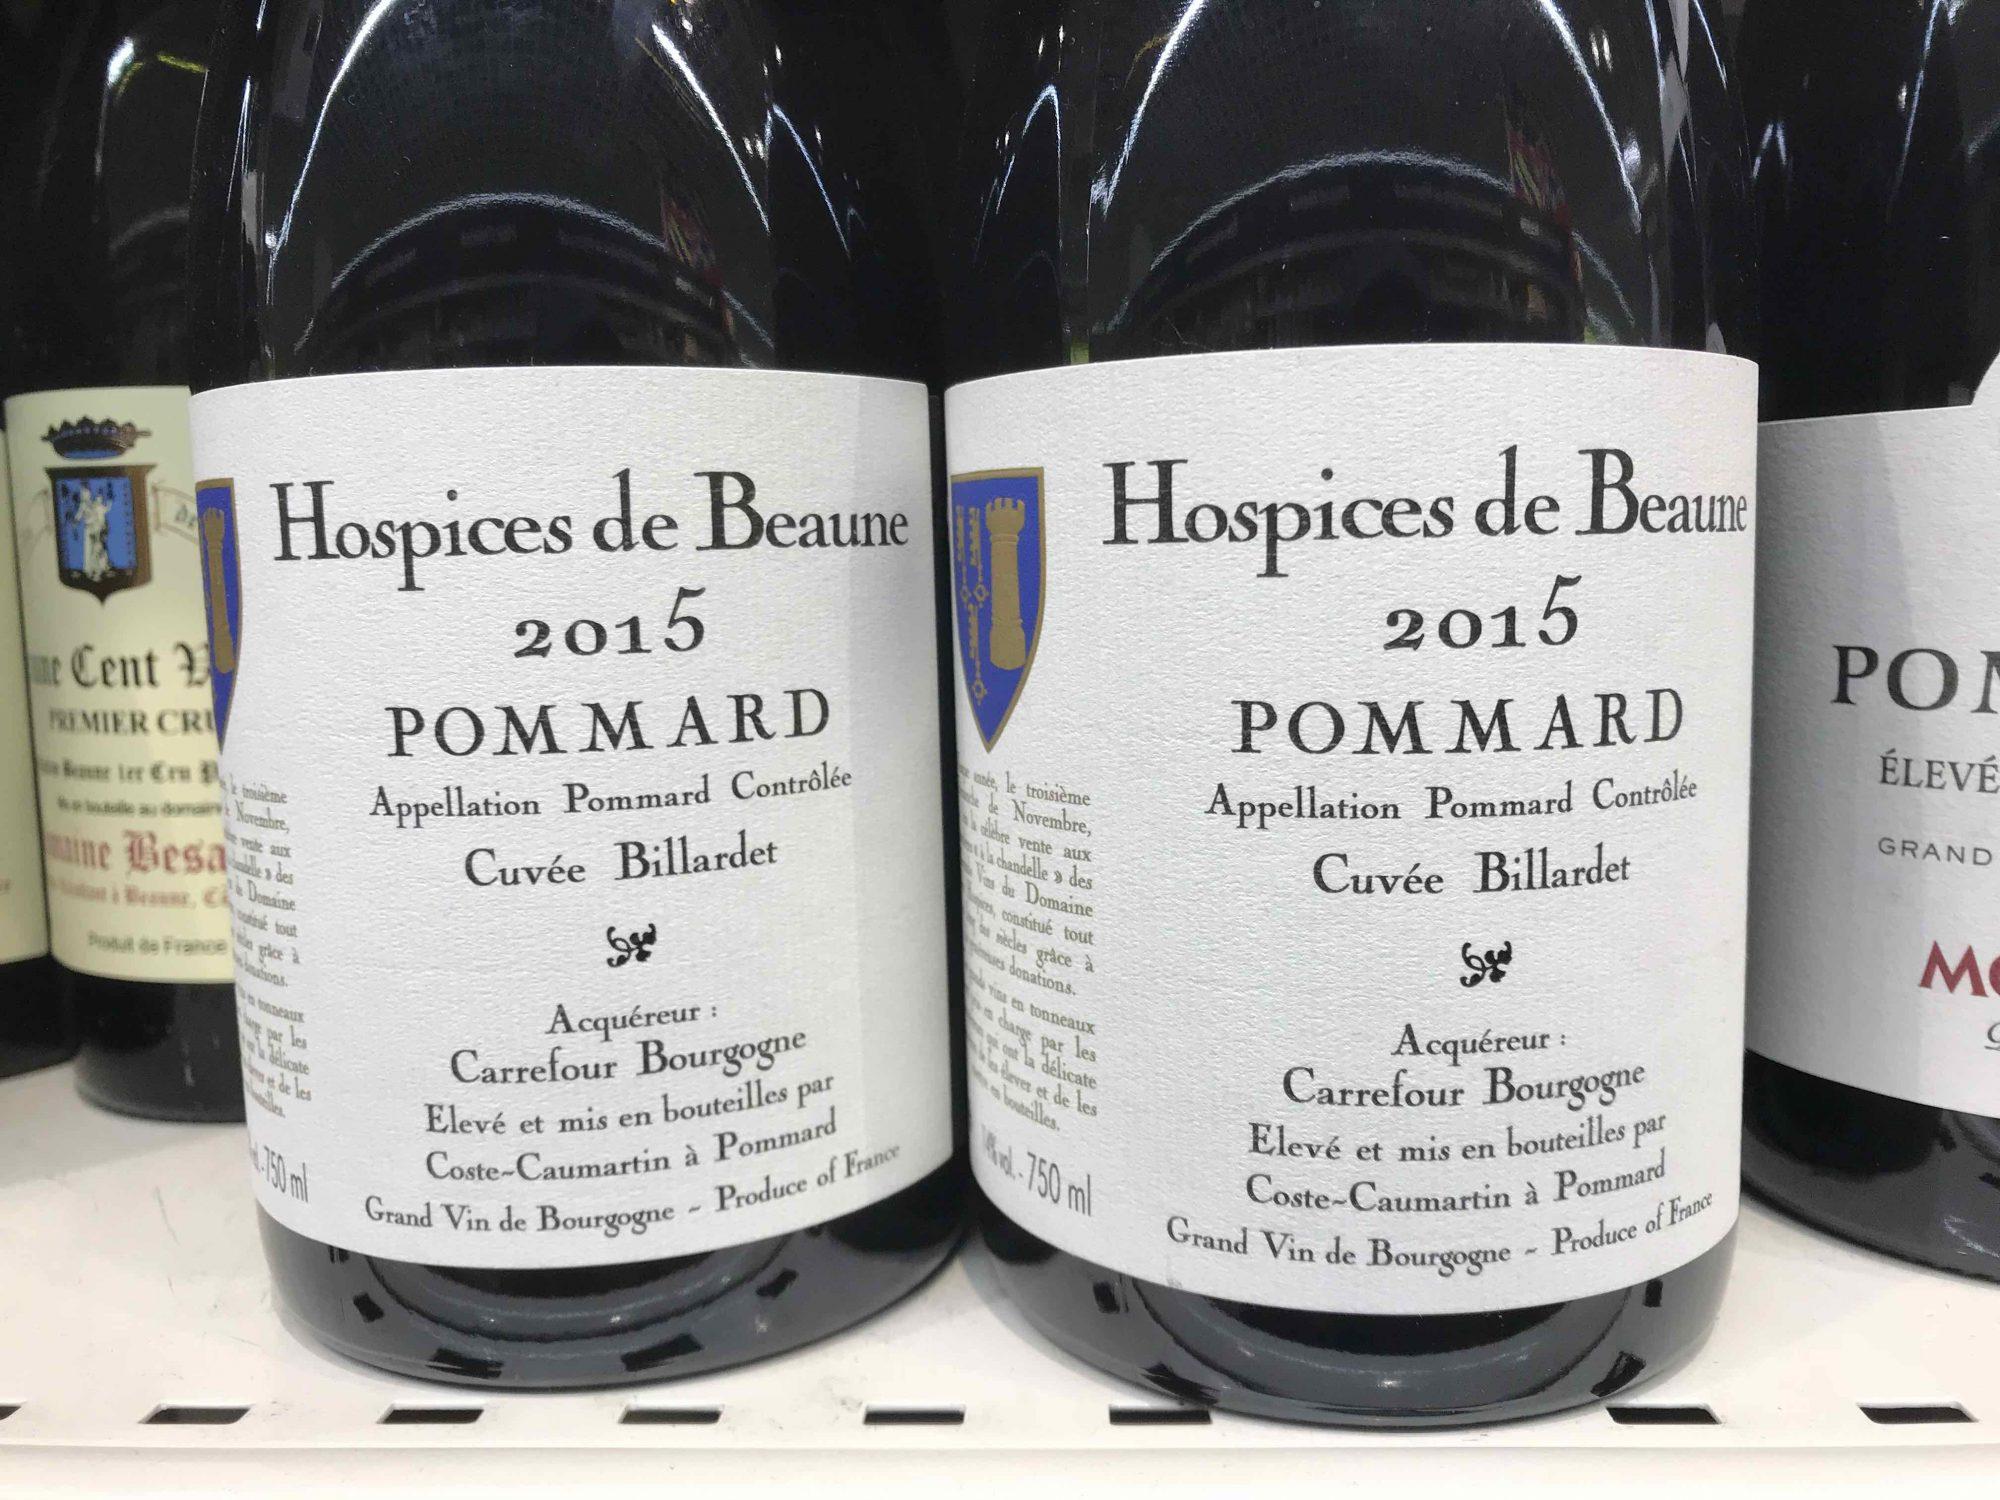 Hôtel Dieu Hospices de Beaune Wine Festival Auction